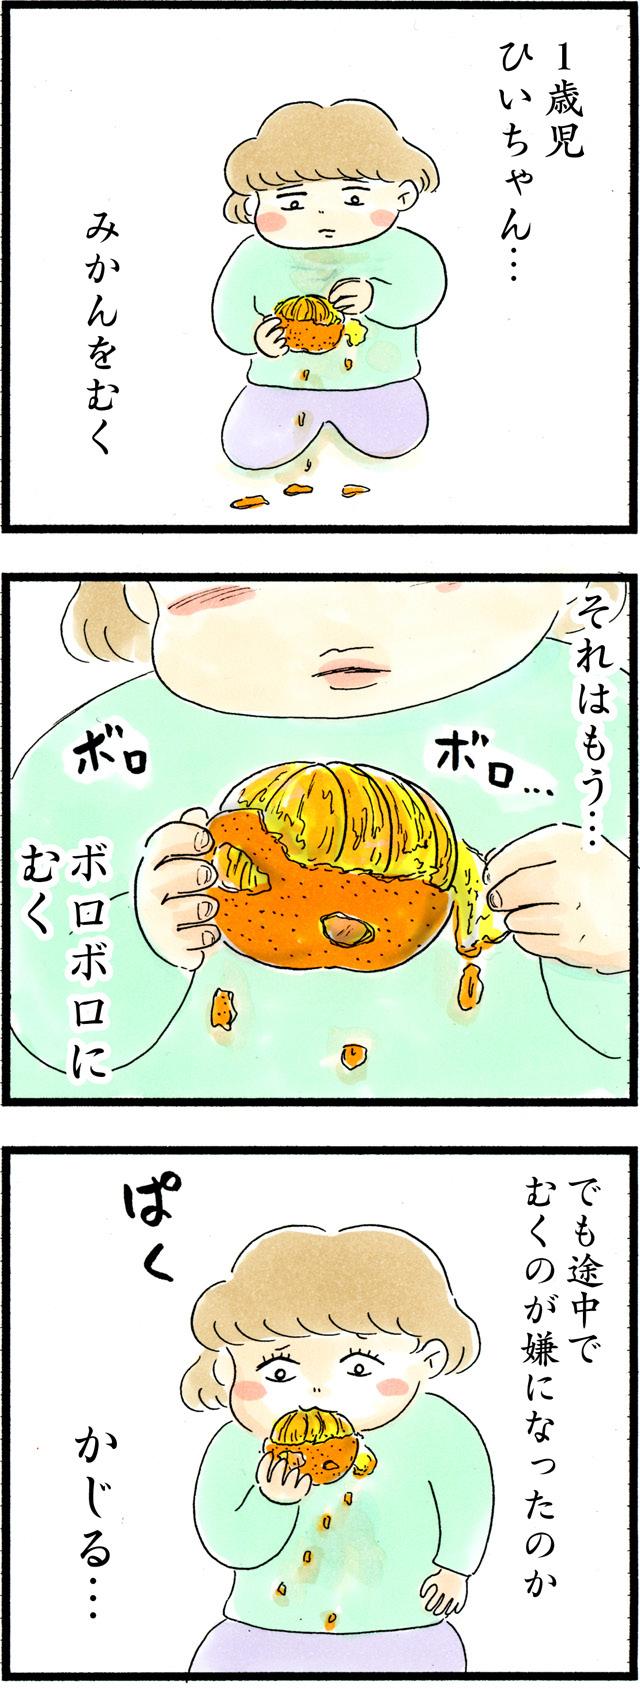 あっ…ちょ…!スプーンを奪われ続ける離乳食。でも最後には母の勝利です…!の画像5